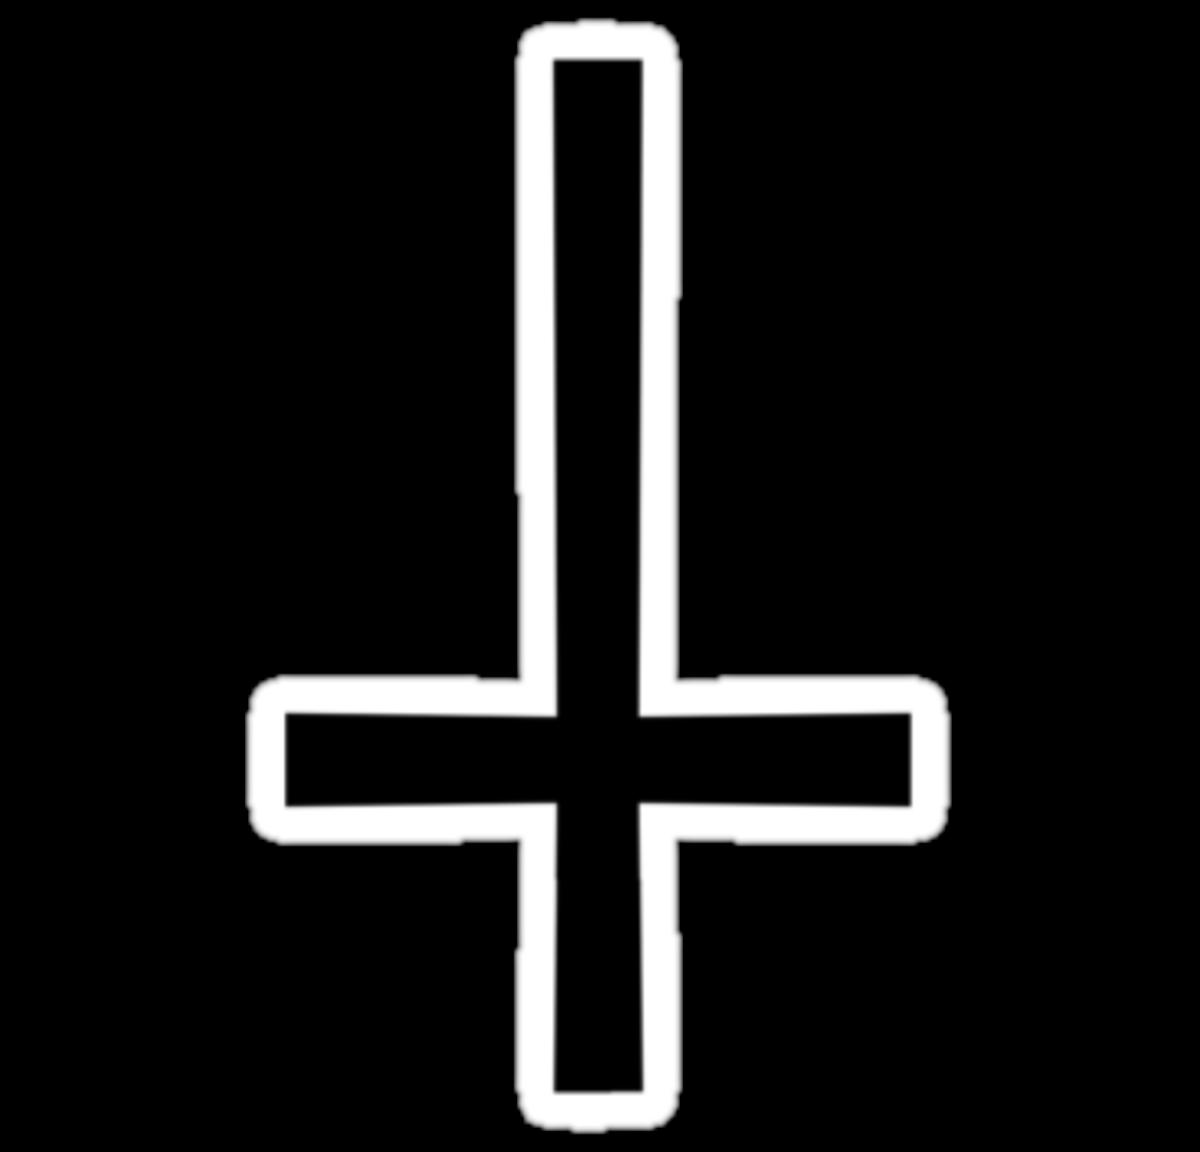 Upside Down Cross